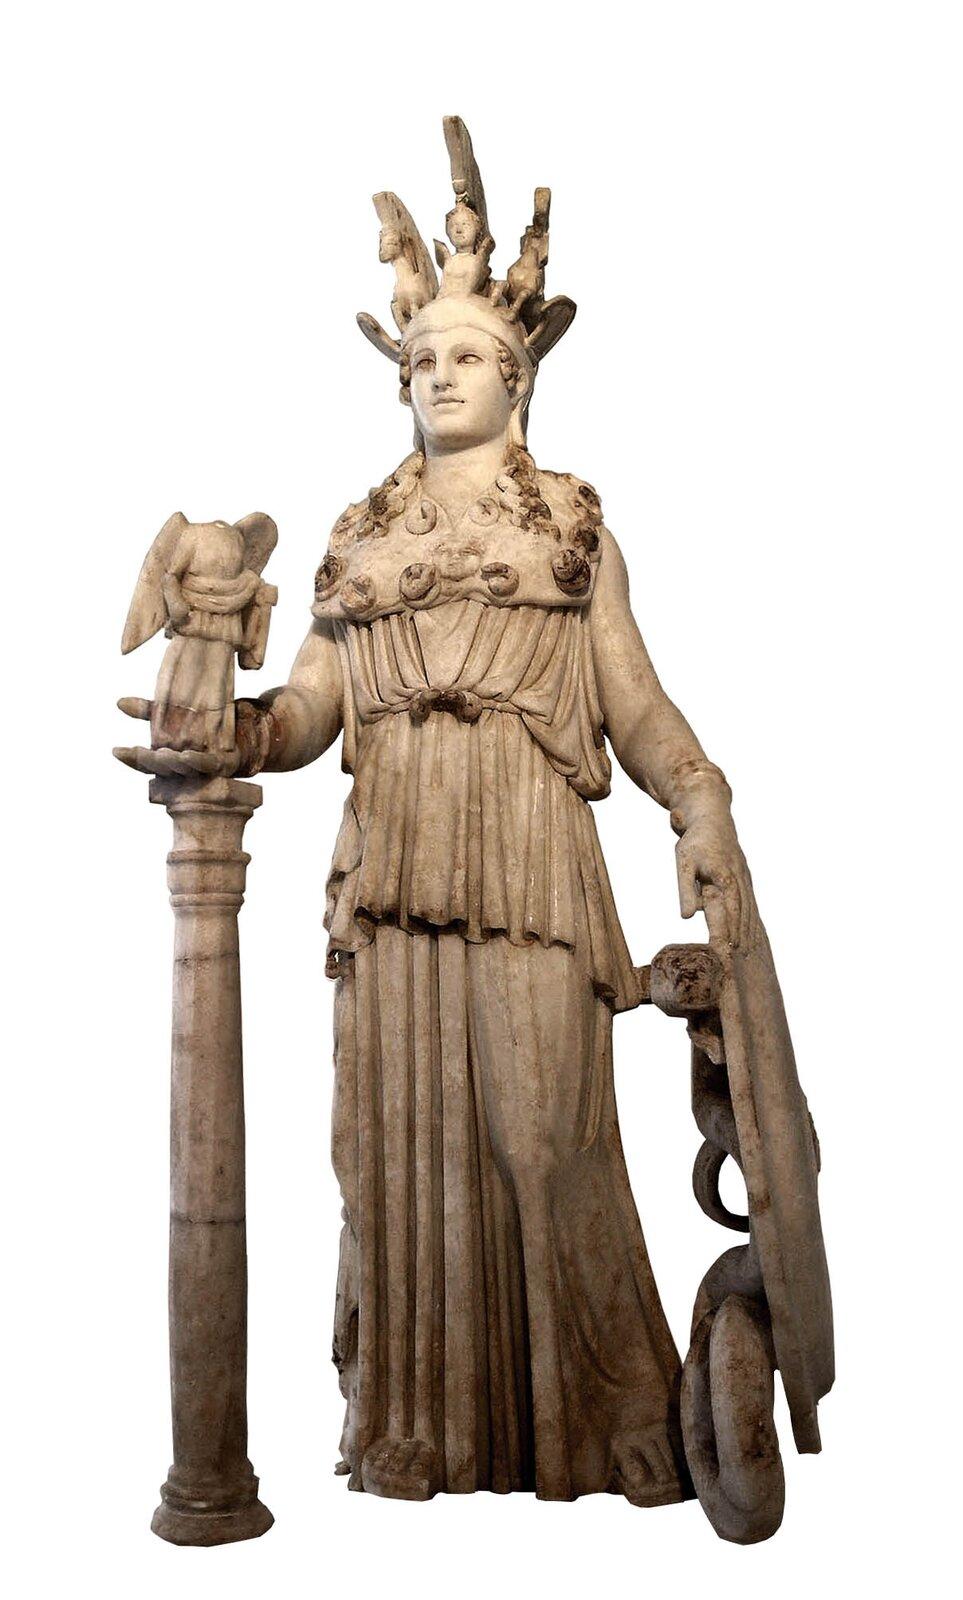 Posąg przechowywany obecnie wNarodowym MuzeumArcheologicznym wAtenach Posąg przechowywany obecnie wNarodowym MuzeumArcheologicznym wAtenach Źródło: Marsyas, Wikimedia Commons, licencja: CC BY-SA 3.0.